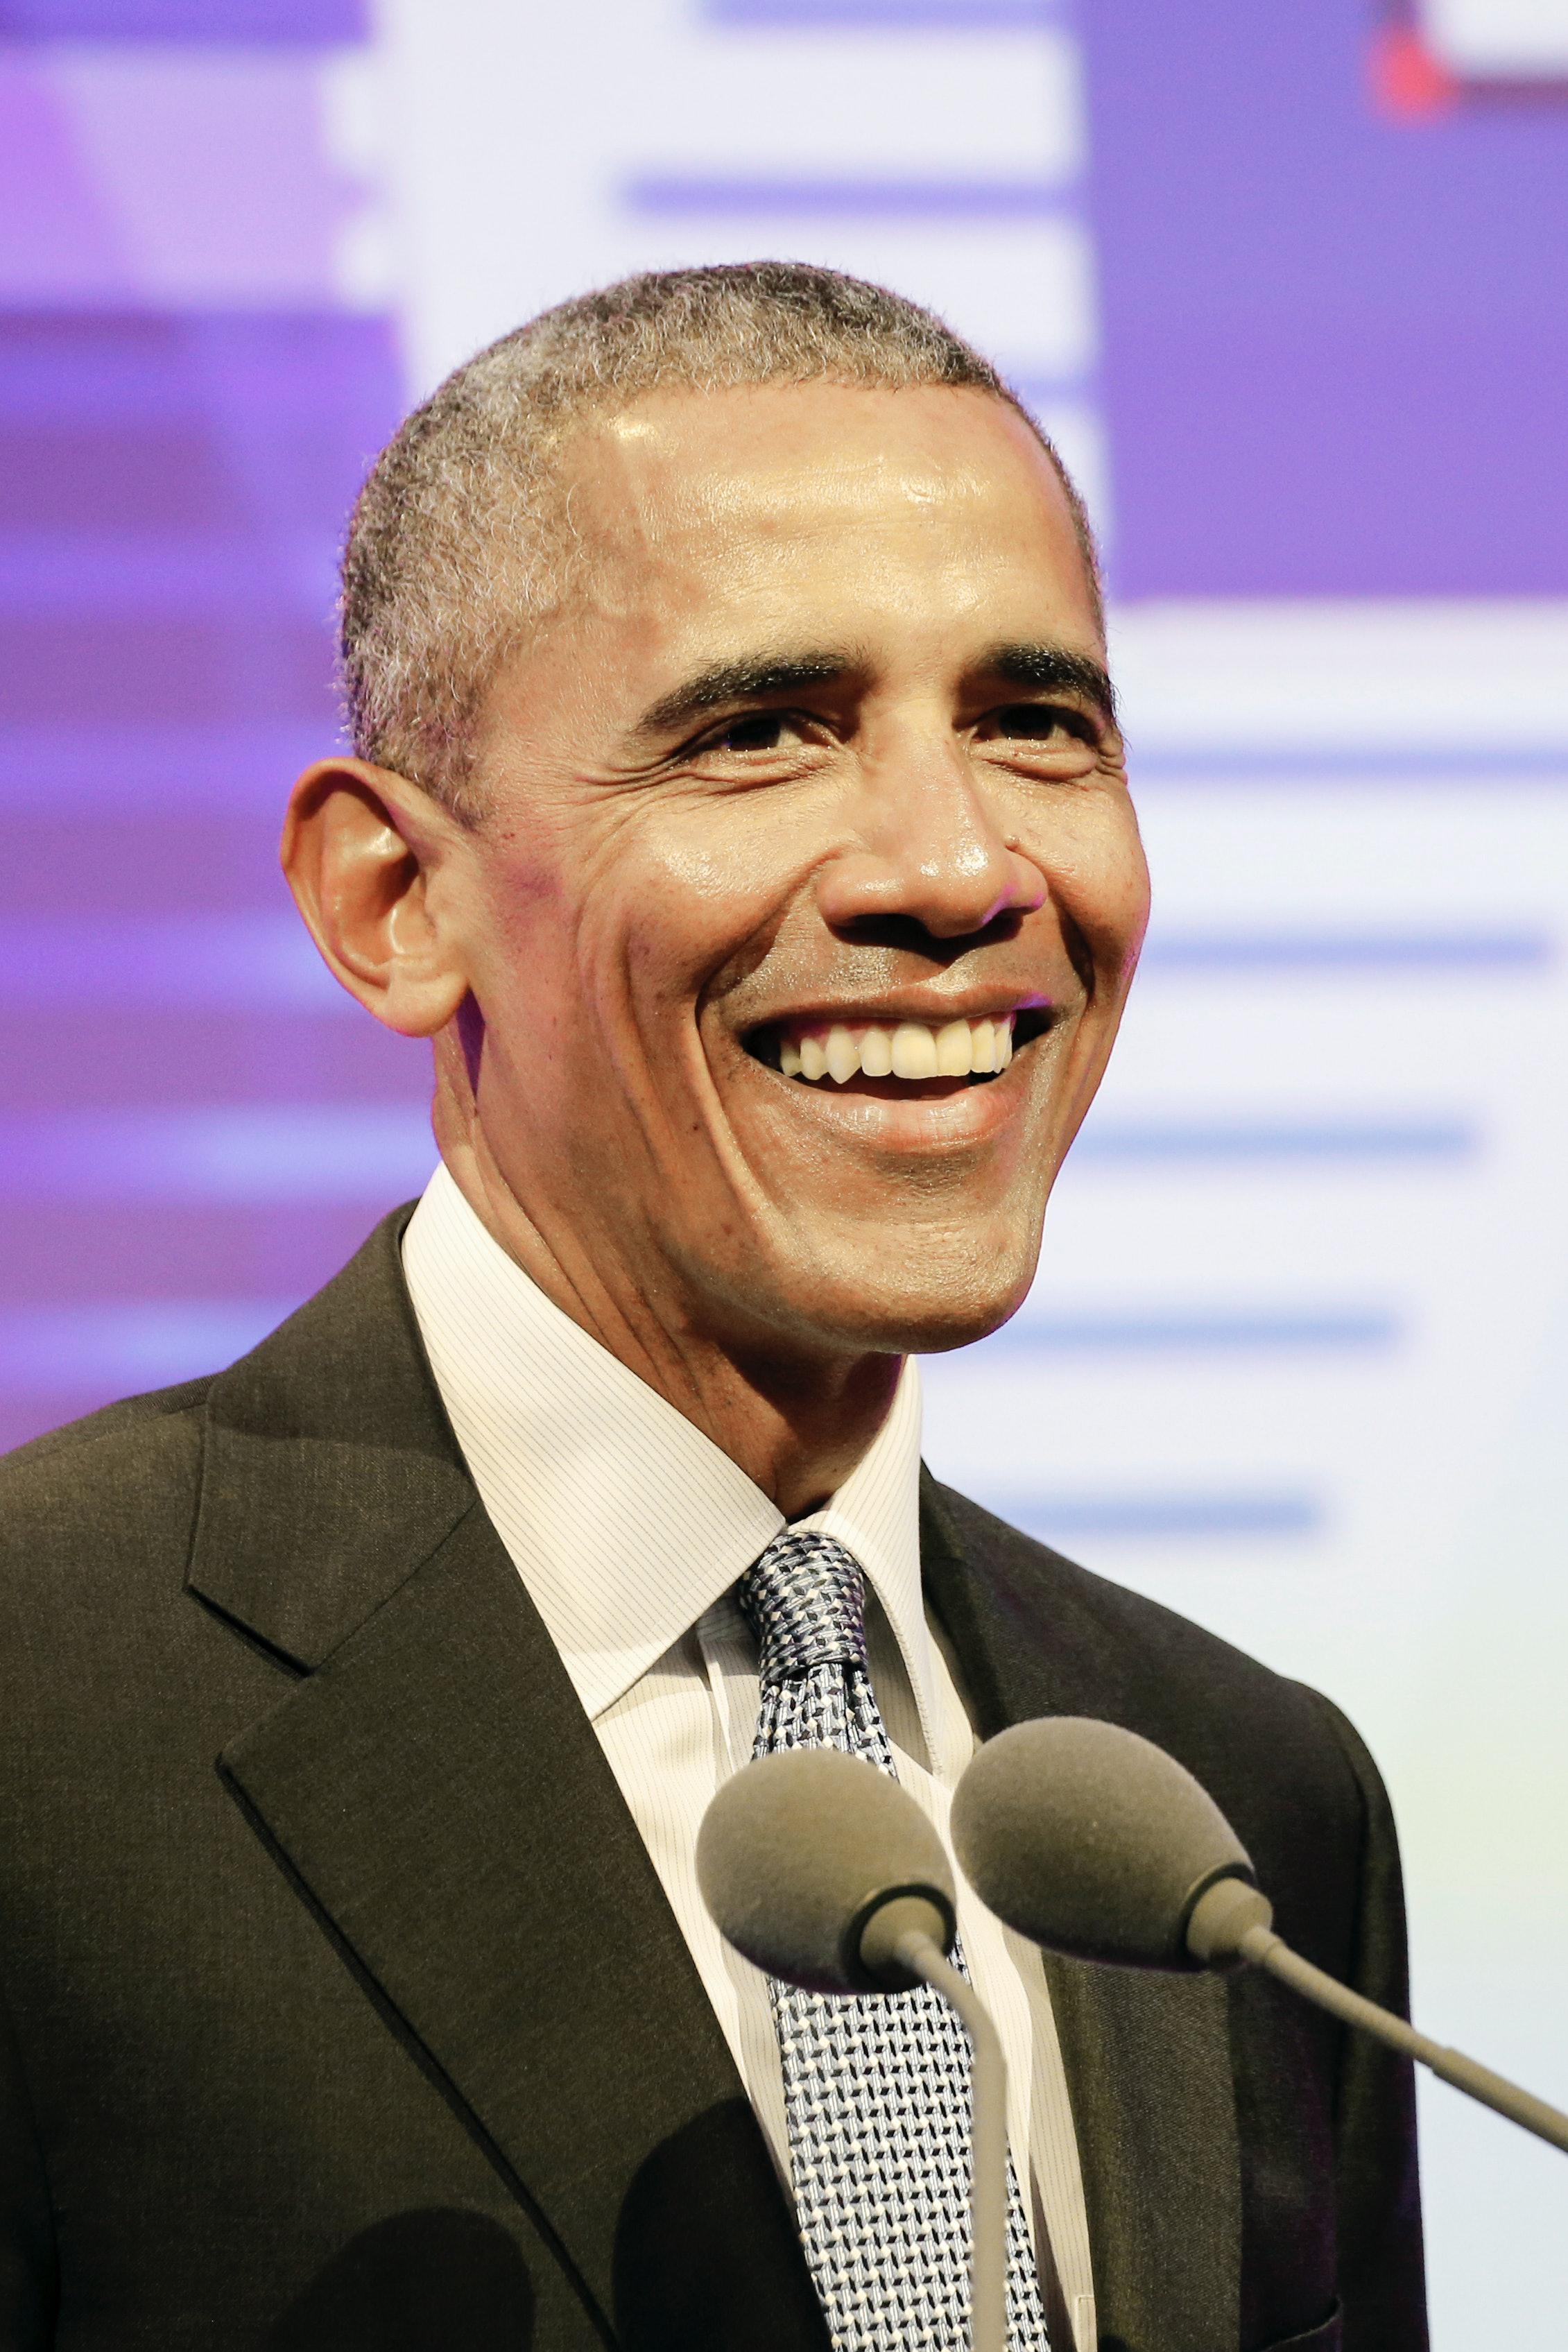 Celebrity Leo and former US President Barack Obama attend a media event.